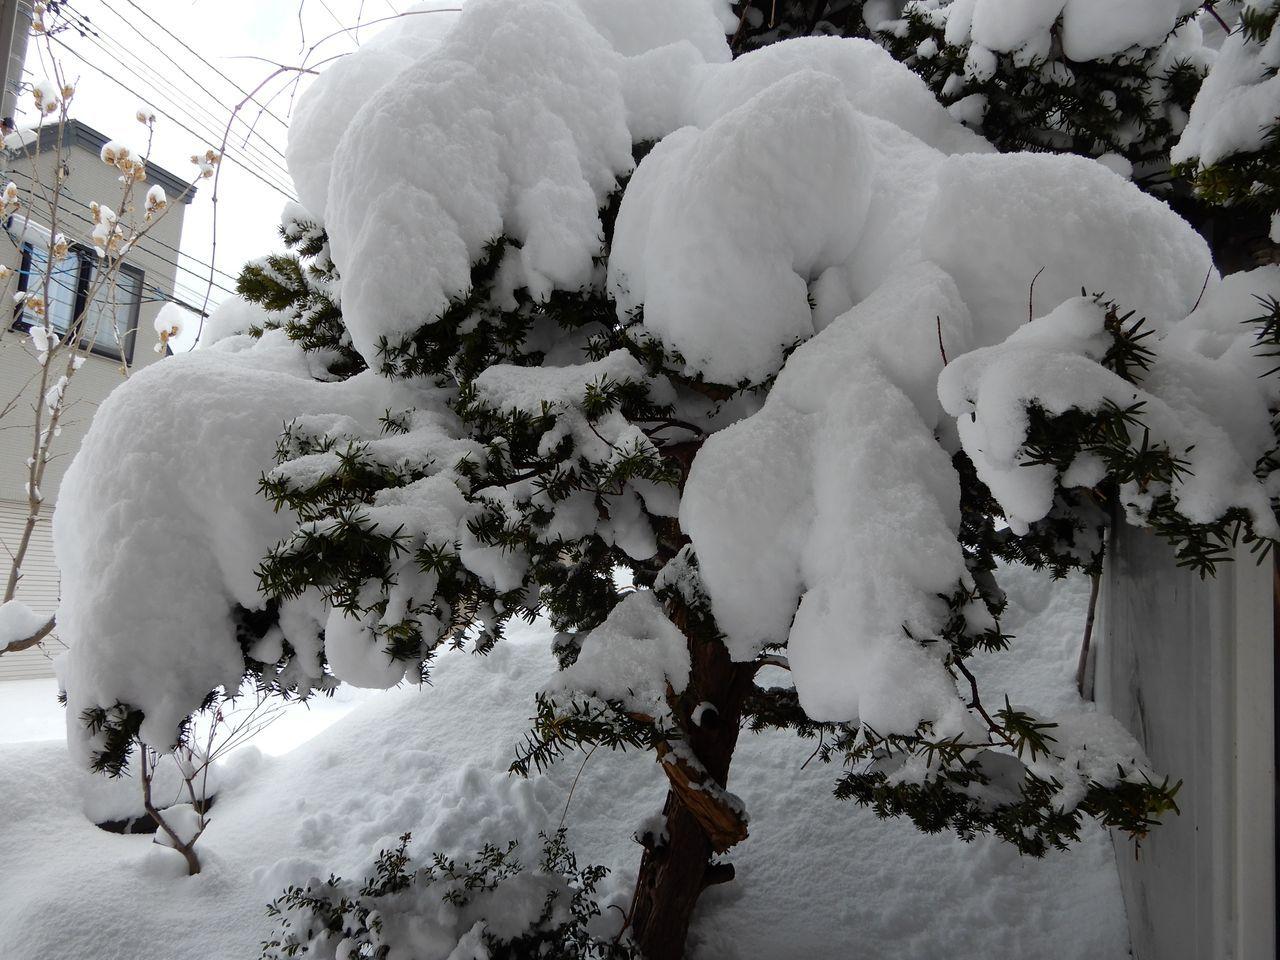 昨日の昼から降った雪は30センチほど積りました_c0025115_20564452.jpg